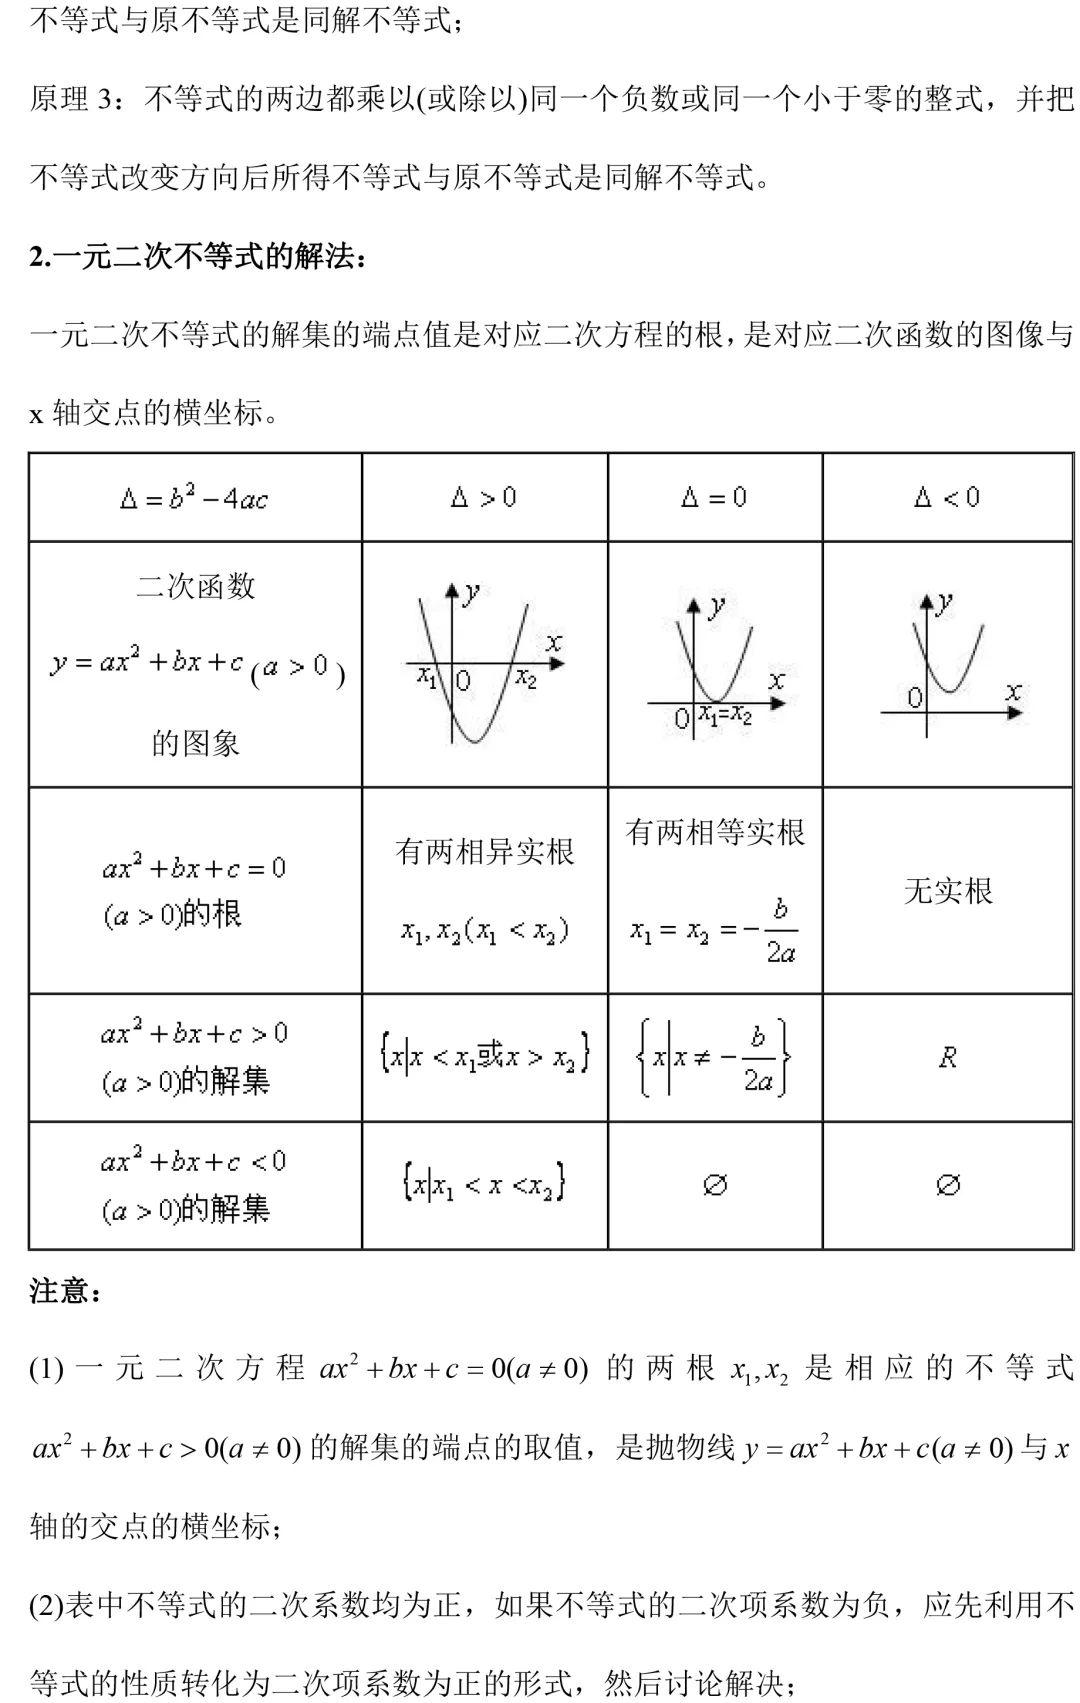 高二数学必修5知识点总结